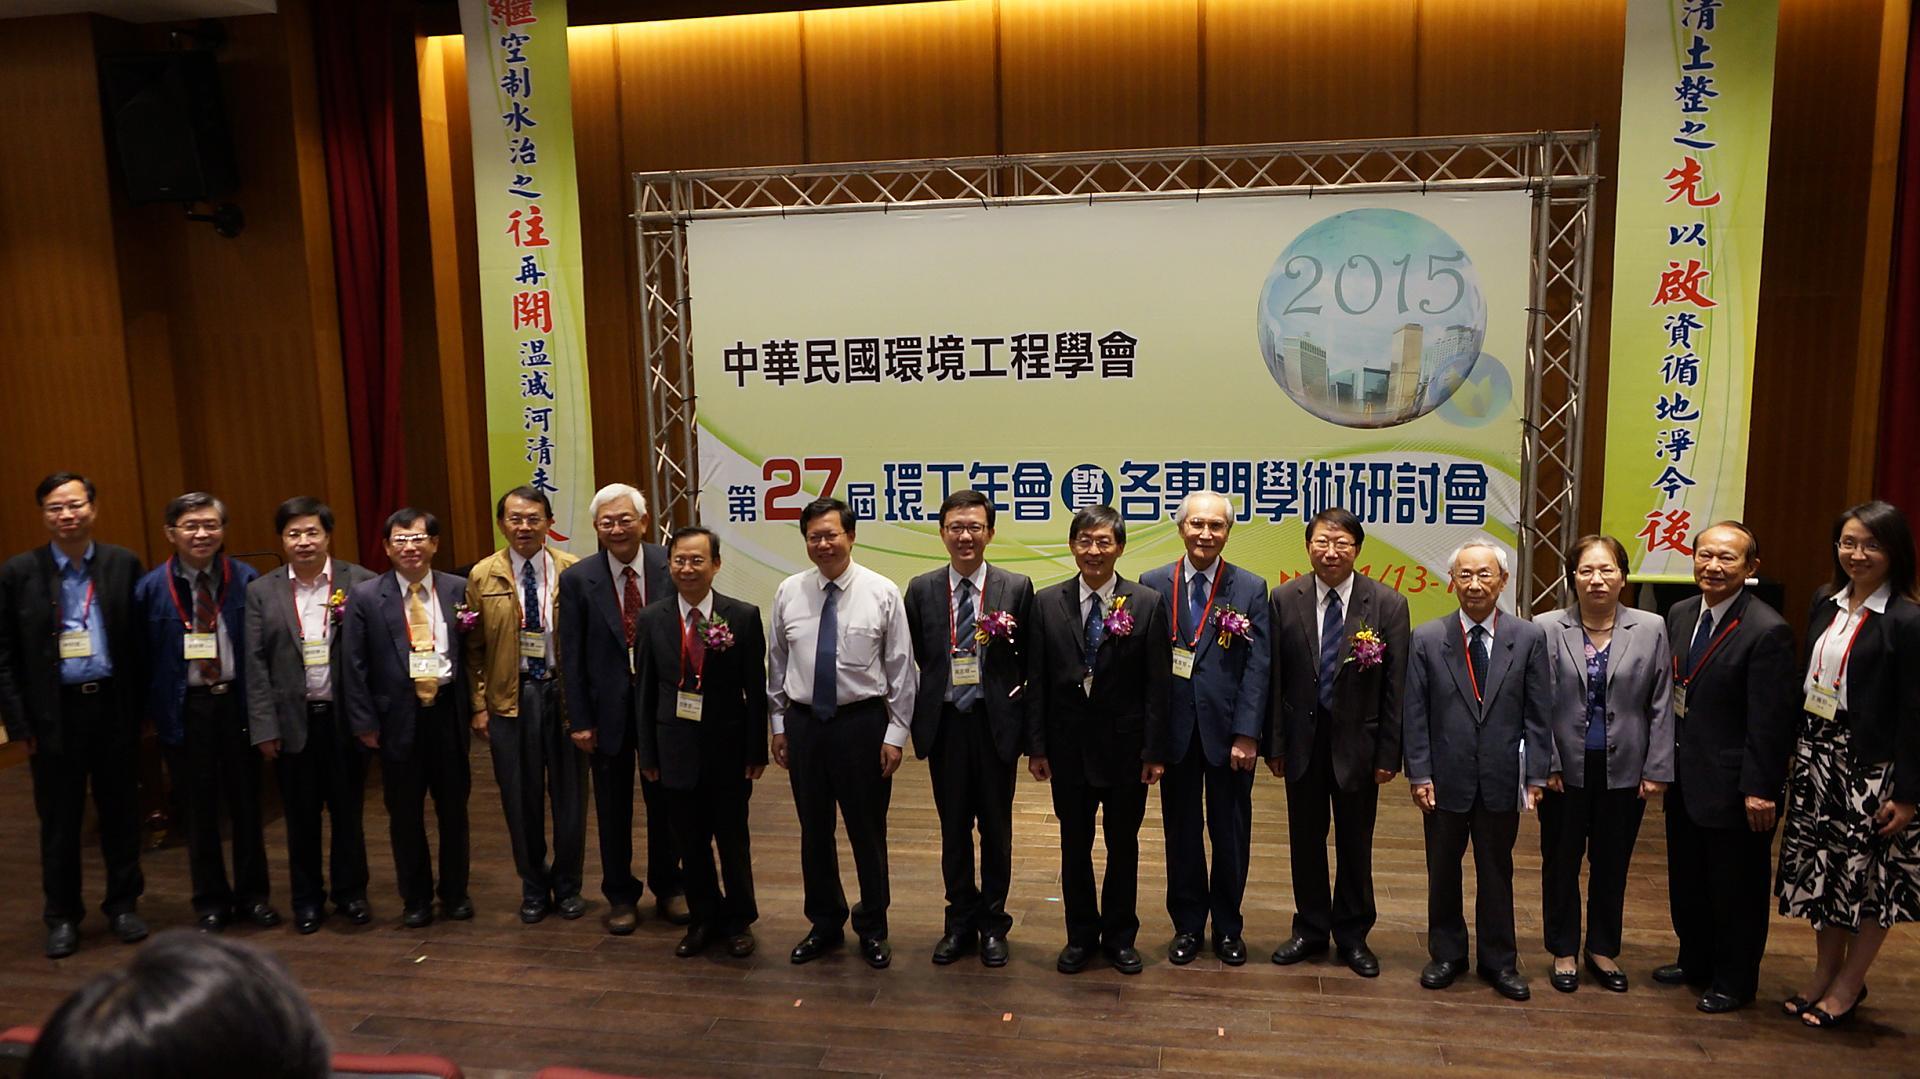 環工年會在中原 全國最年輕環工系 承辦最大規模環工會議